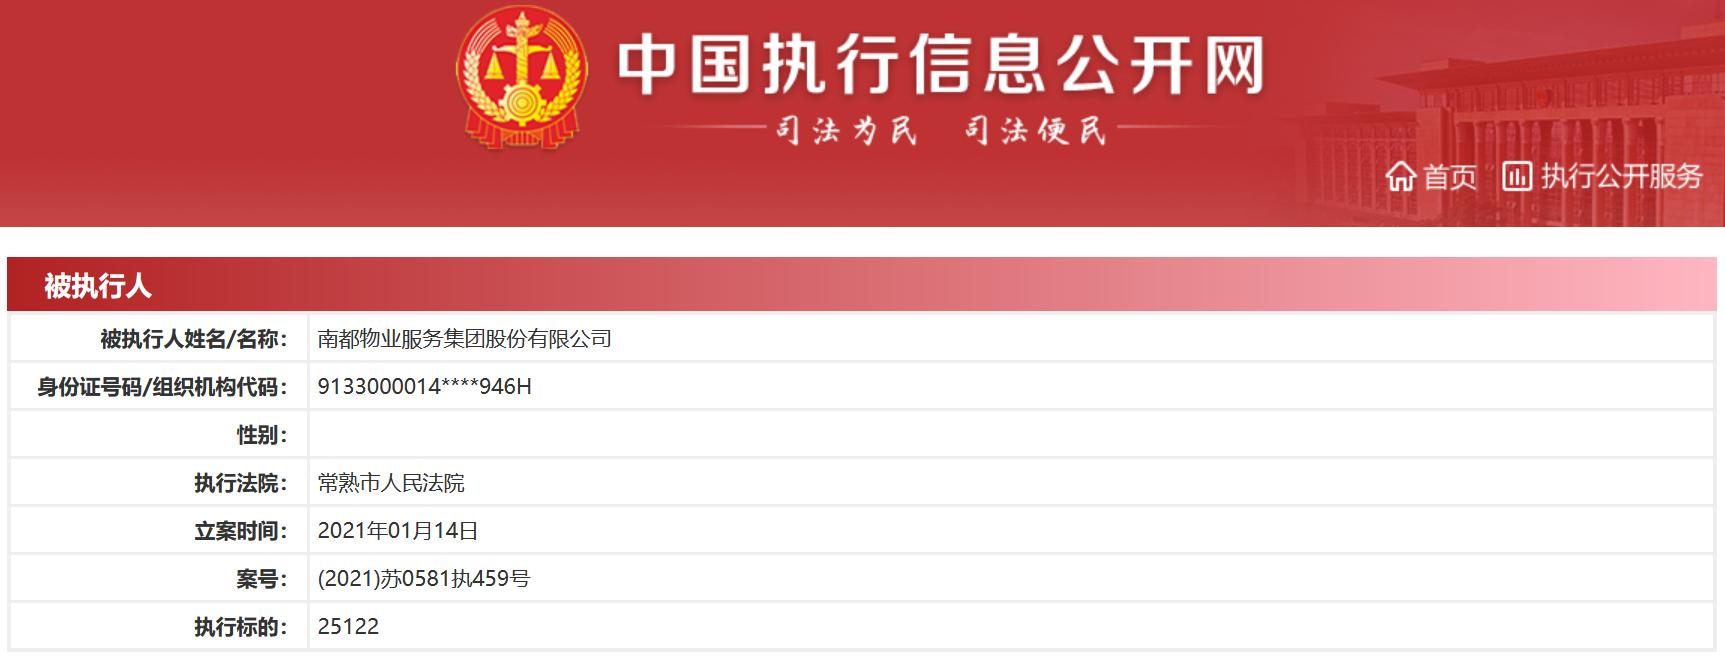 南都物业被列为被执行人 执行标的25122元-中国网地产